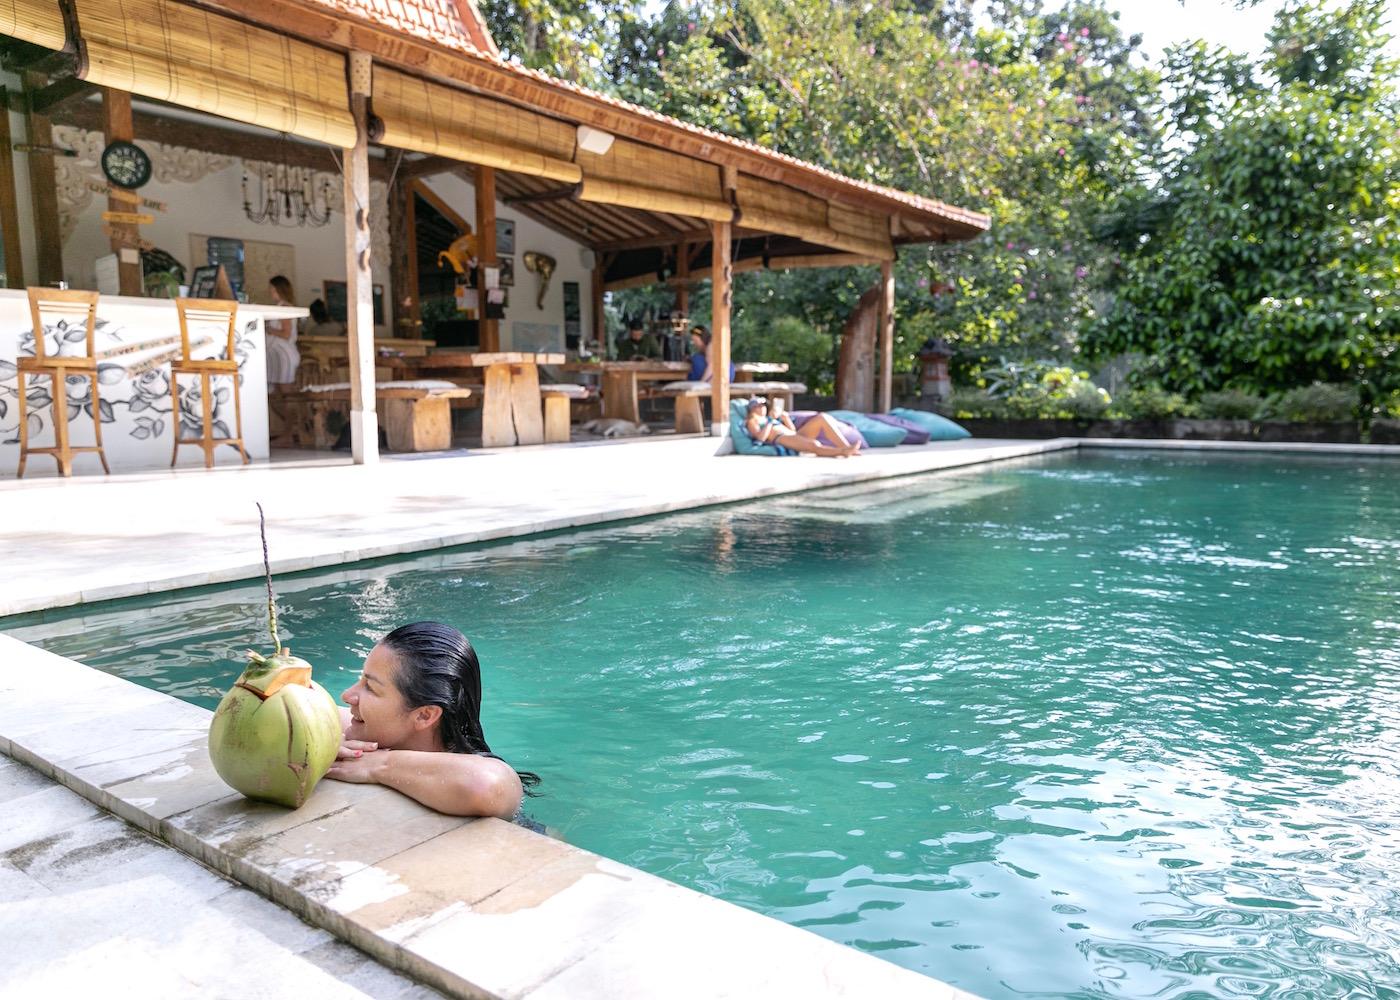 Swimming pool at Pelan Pelan - a surf & yoga retreat in Canggu Bali, Indonesia